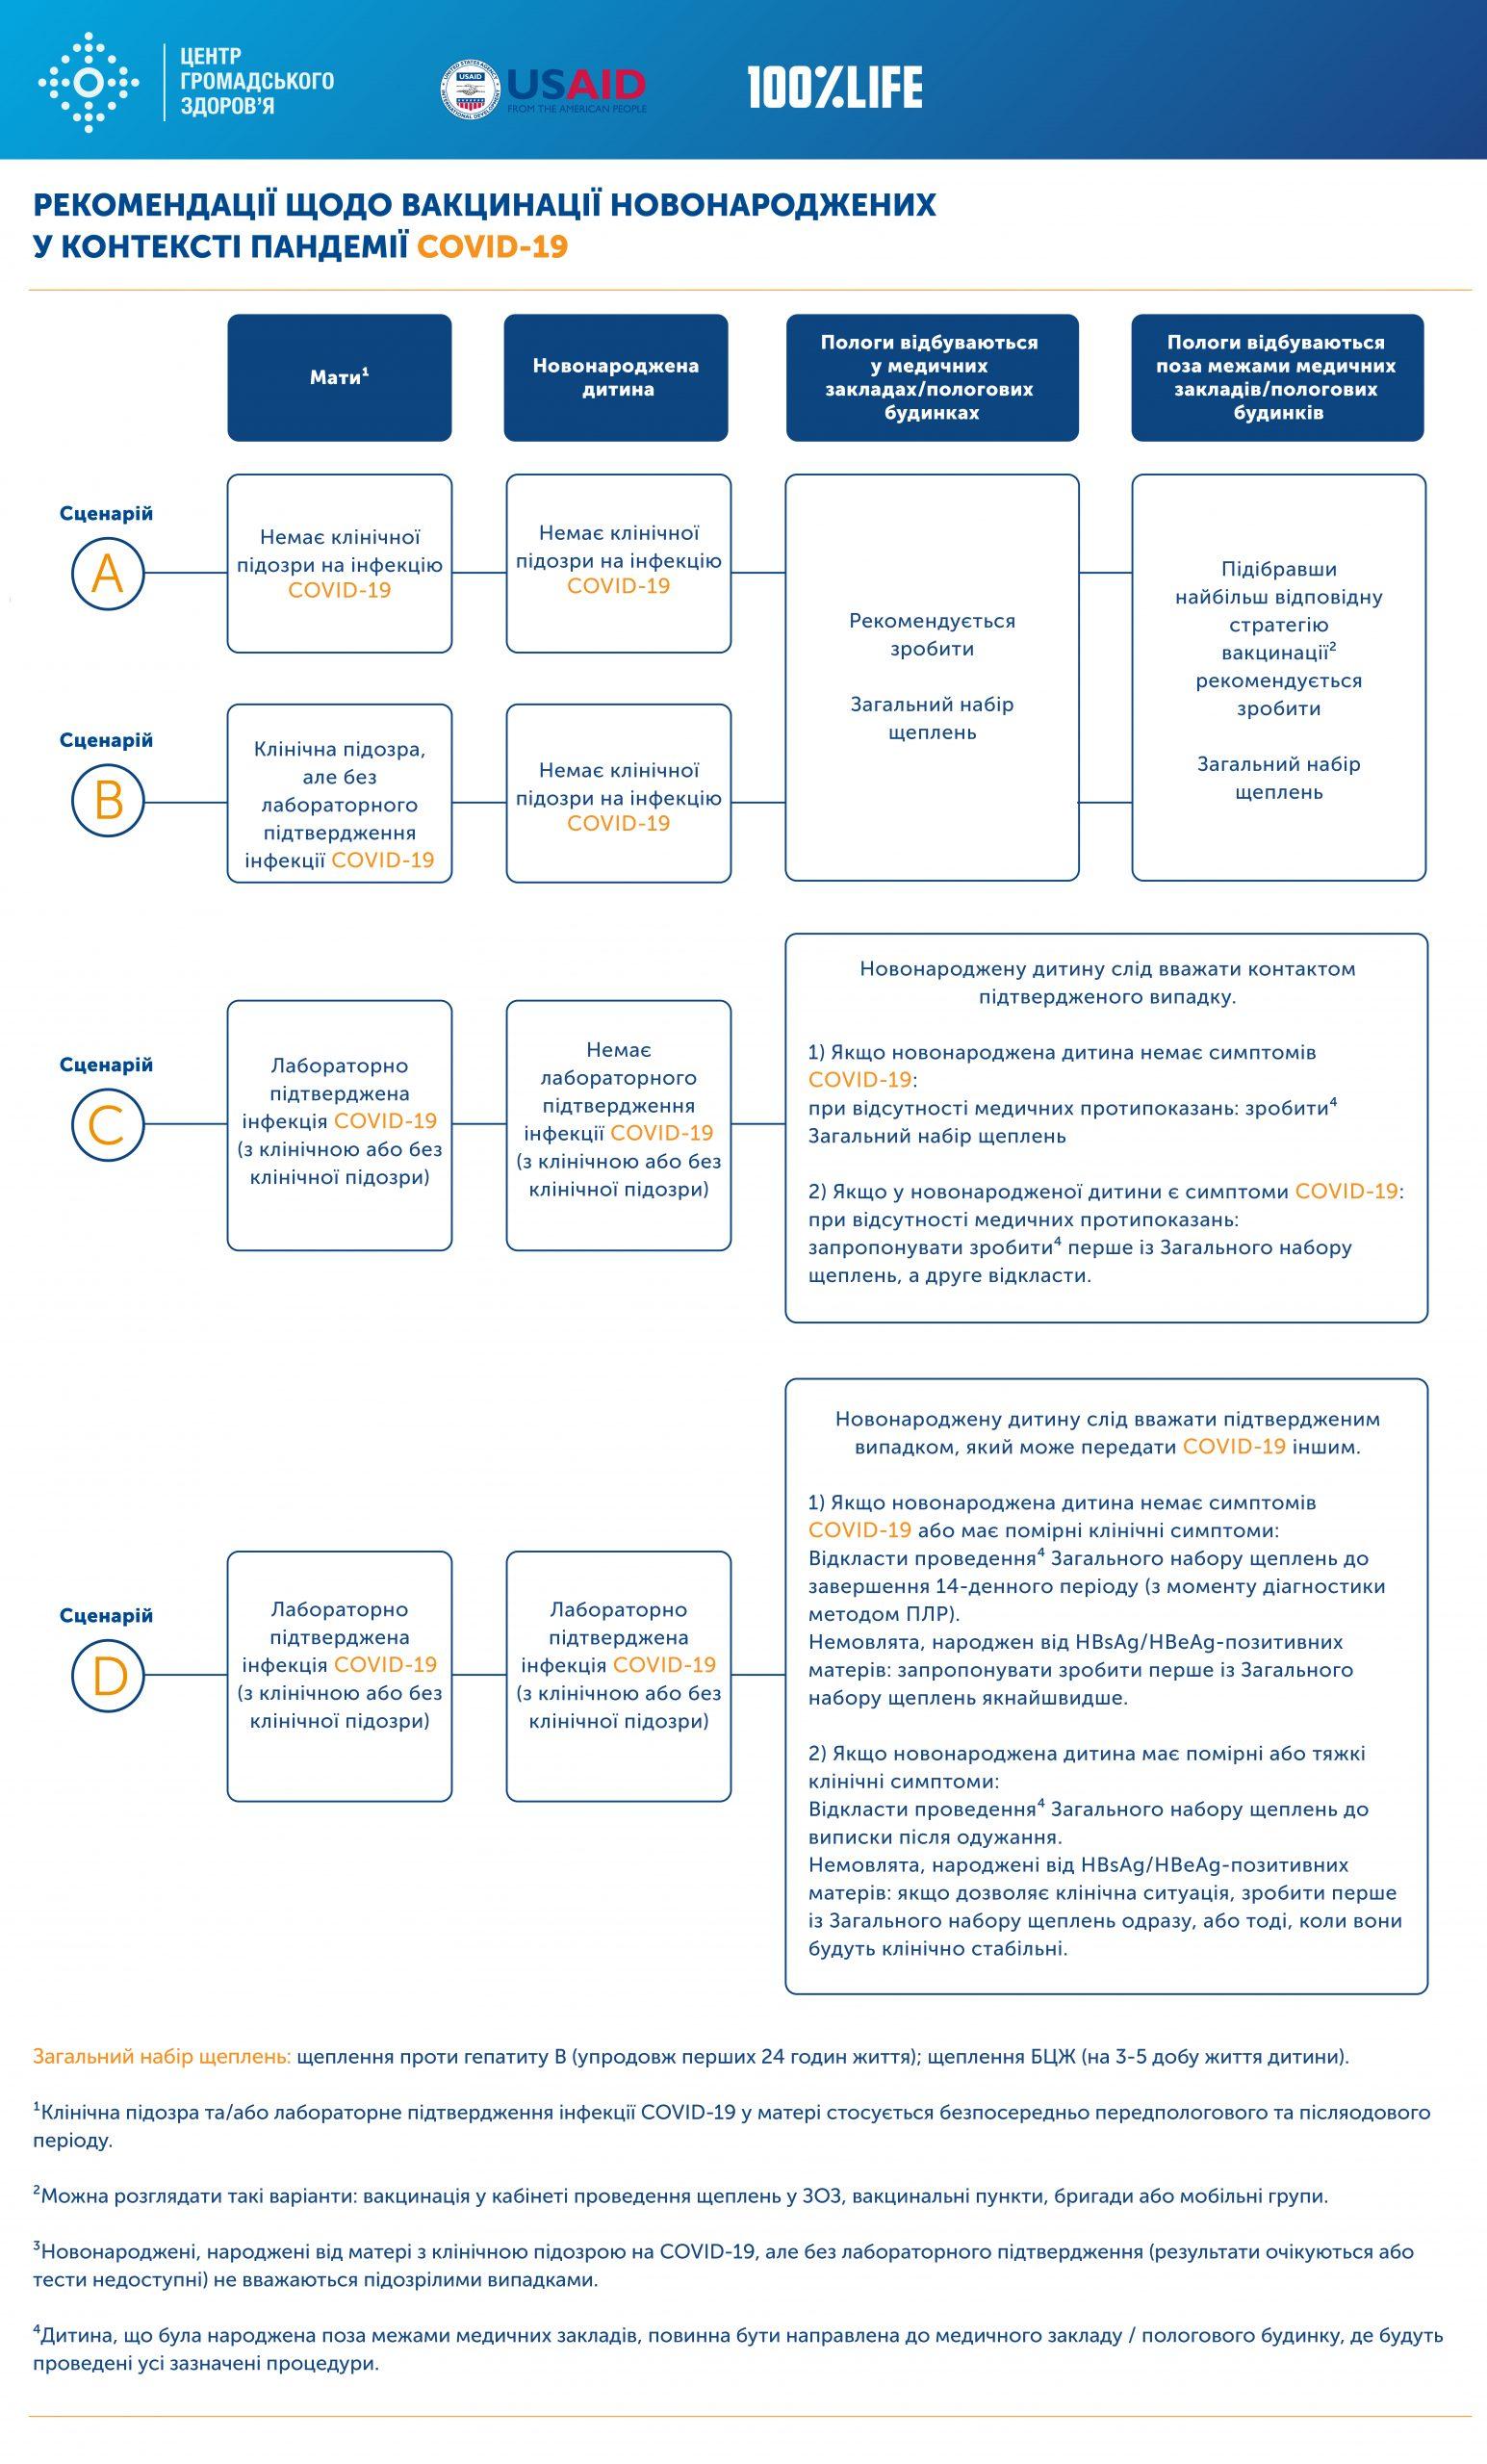 Рекомендації щодо вакцинації новонароджених у контексті пандемії COVID-19